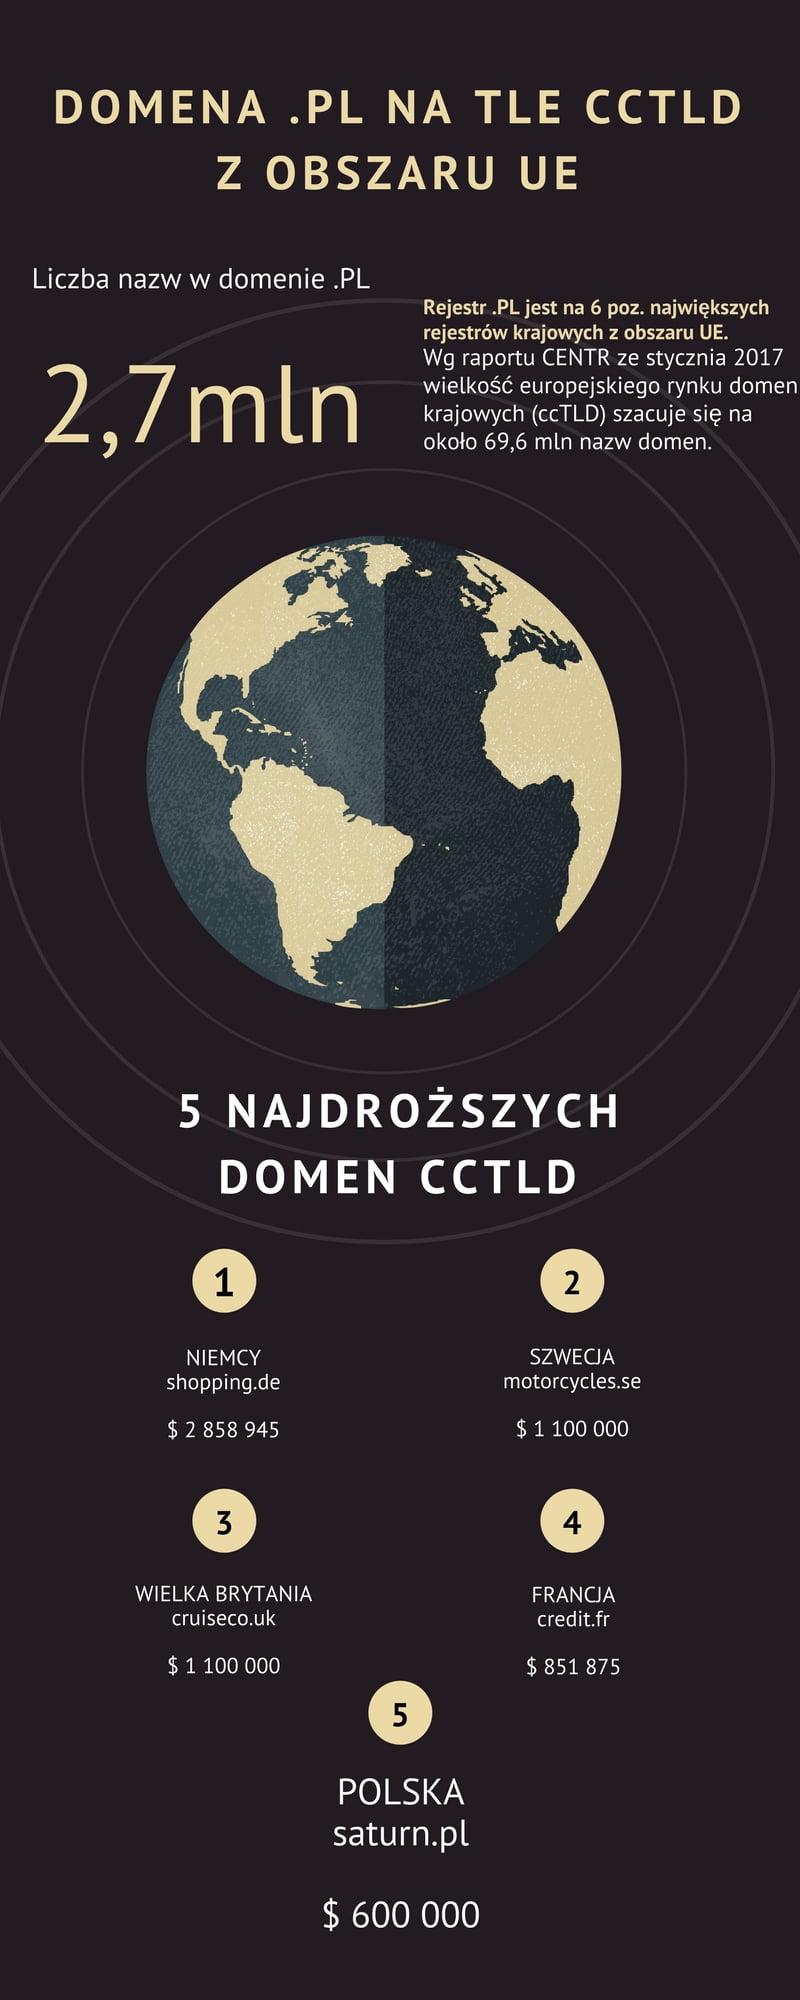 Polskie domeny: Liczba nazw w domenie .PL to 2,7 mln. Polska domena jest na piątym miejscu w rankingu najwyższych sprzedaży na rynku wtórnym na obszarze UE.